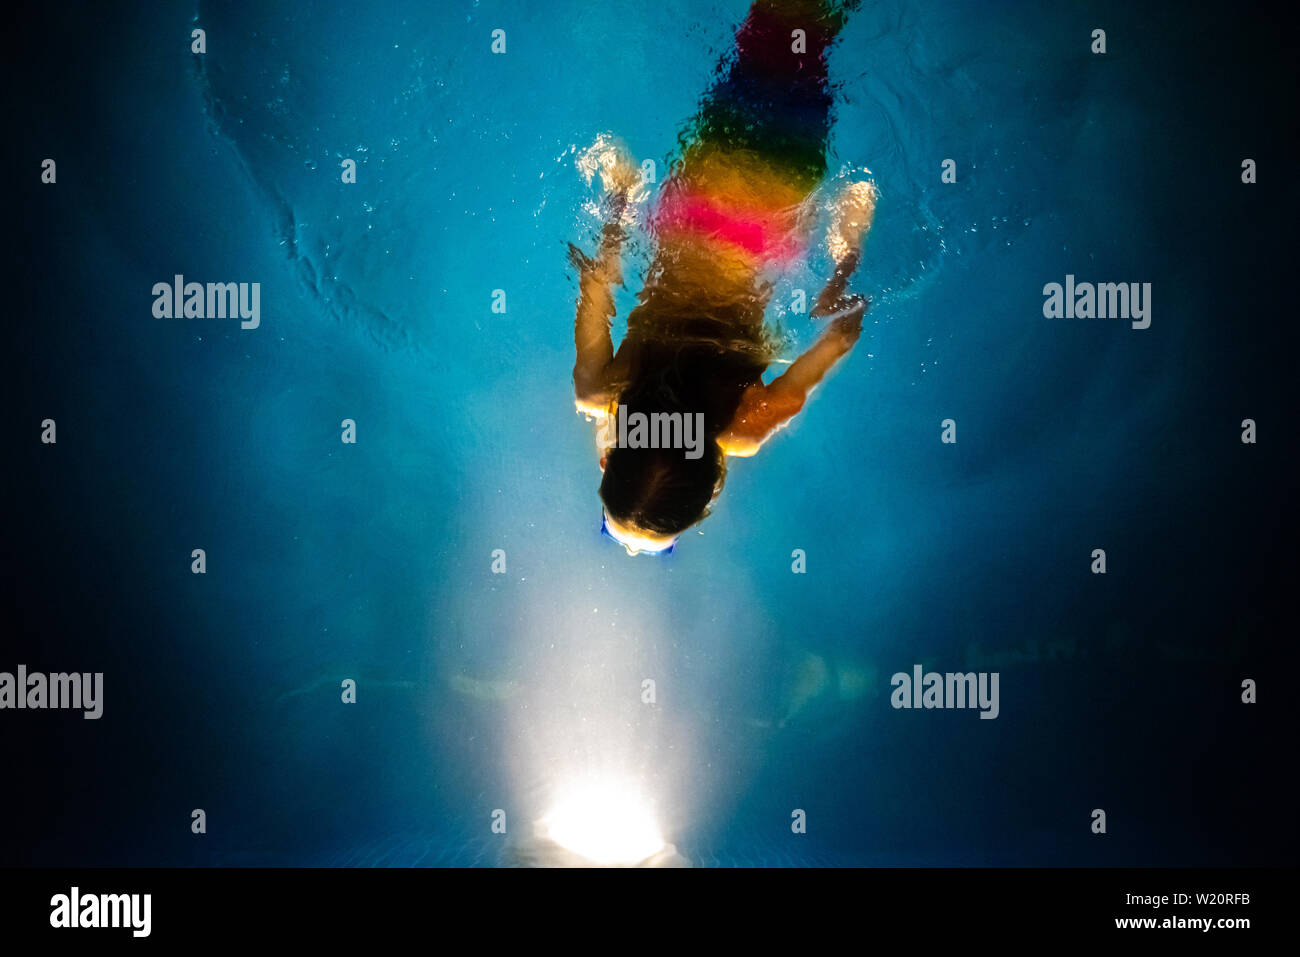 Mermaid diving verso la luce di una piscina blu notte, con un background di sogno di fantasia e immaginazione. Foto Stock